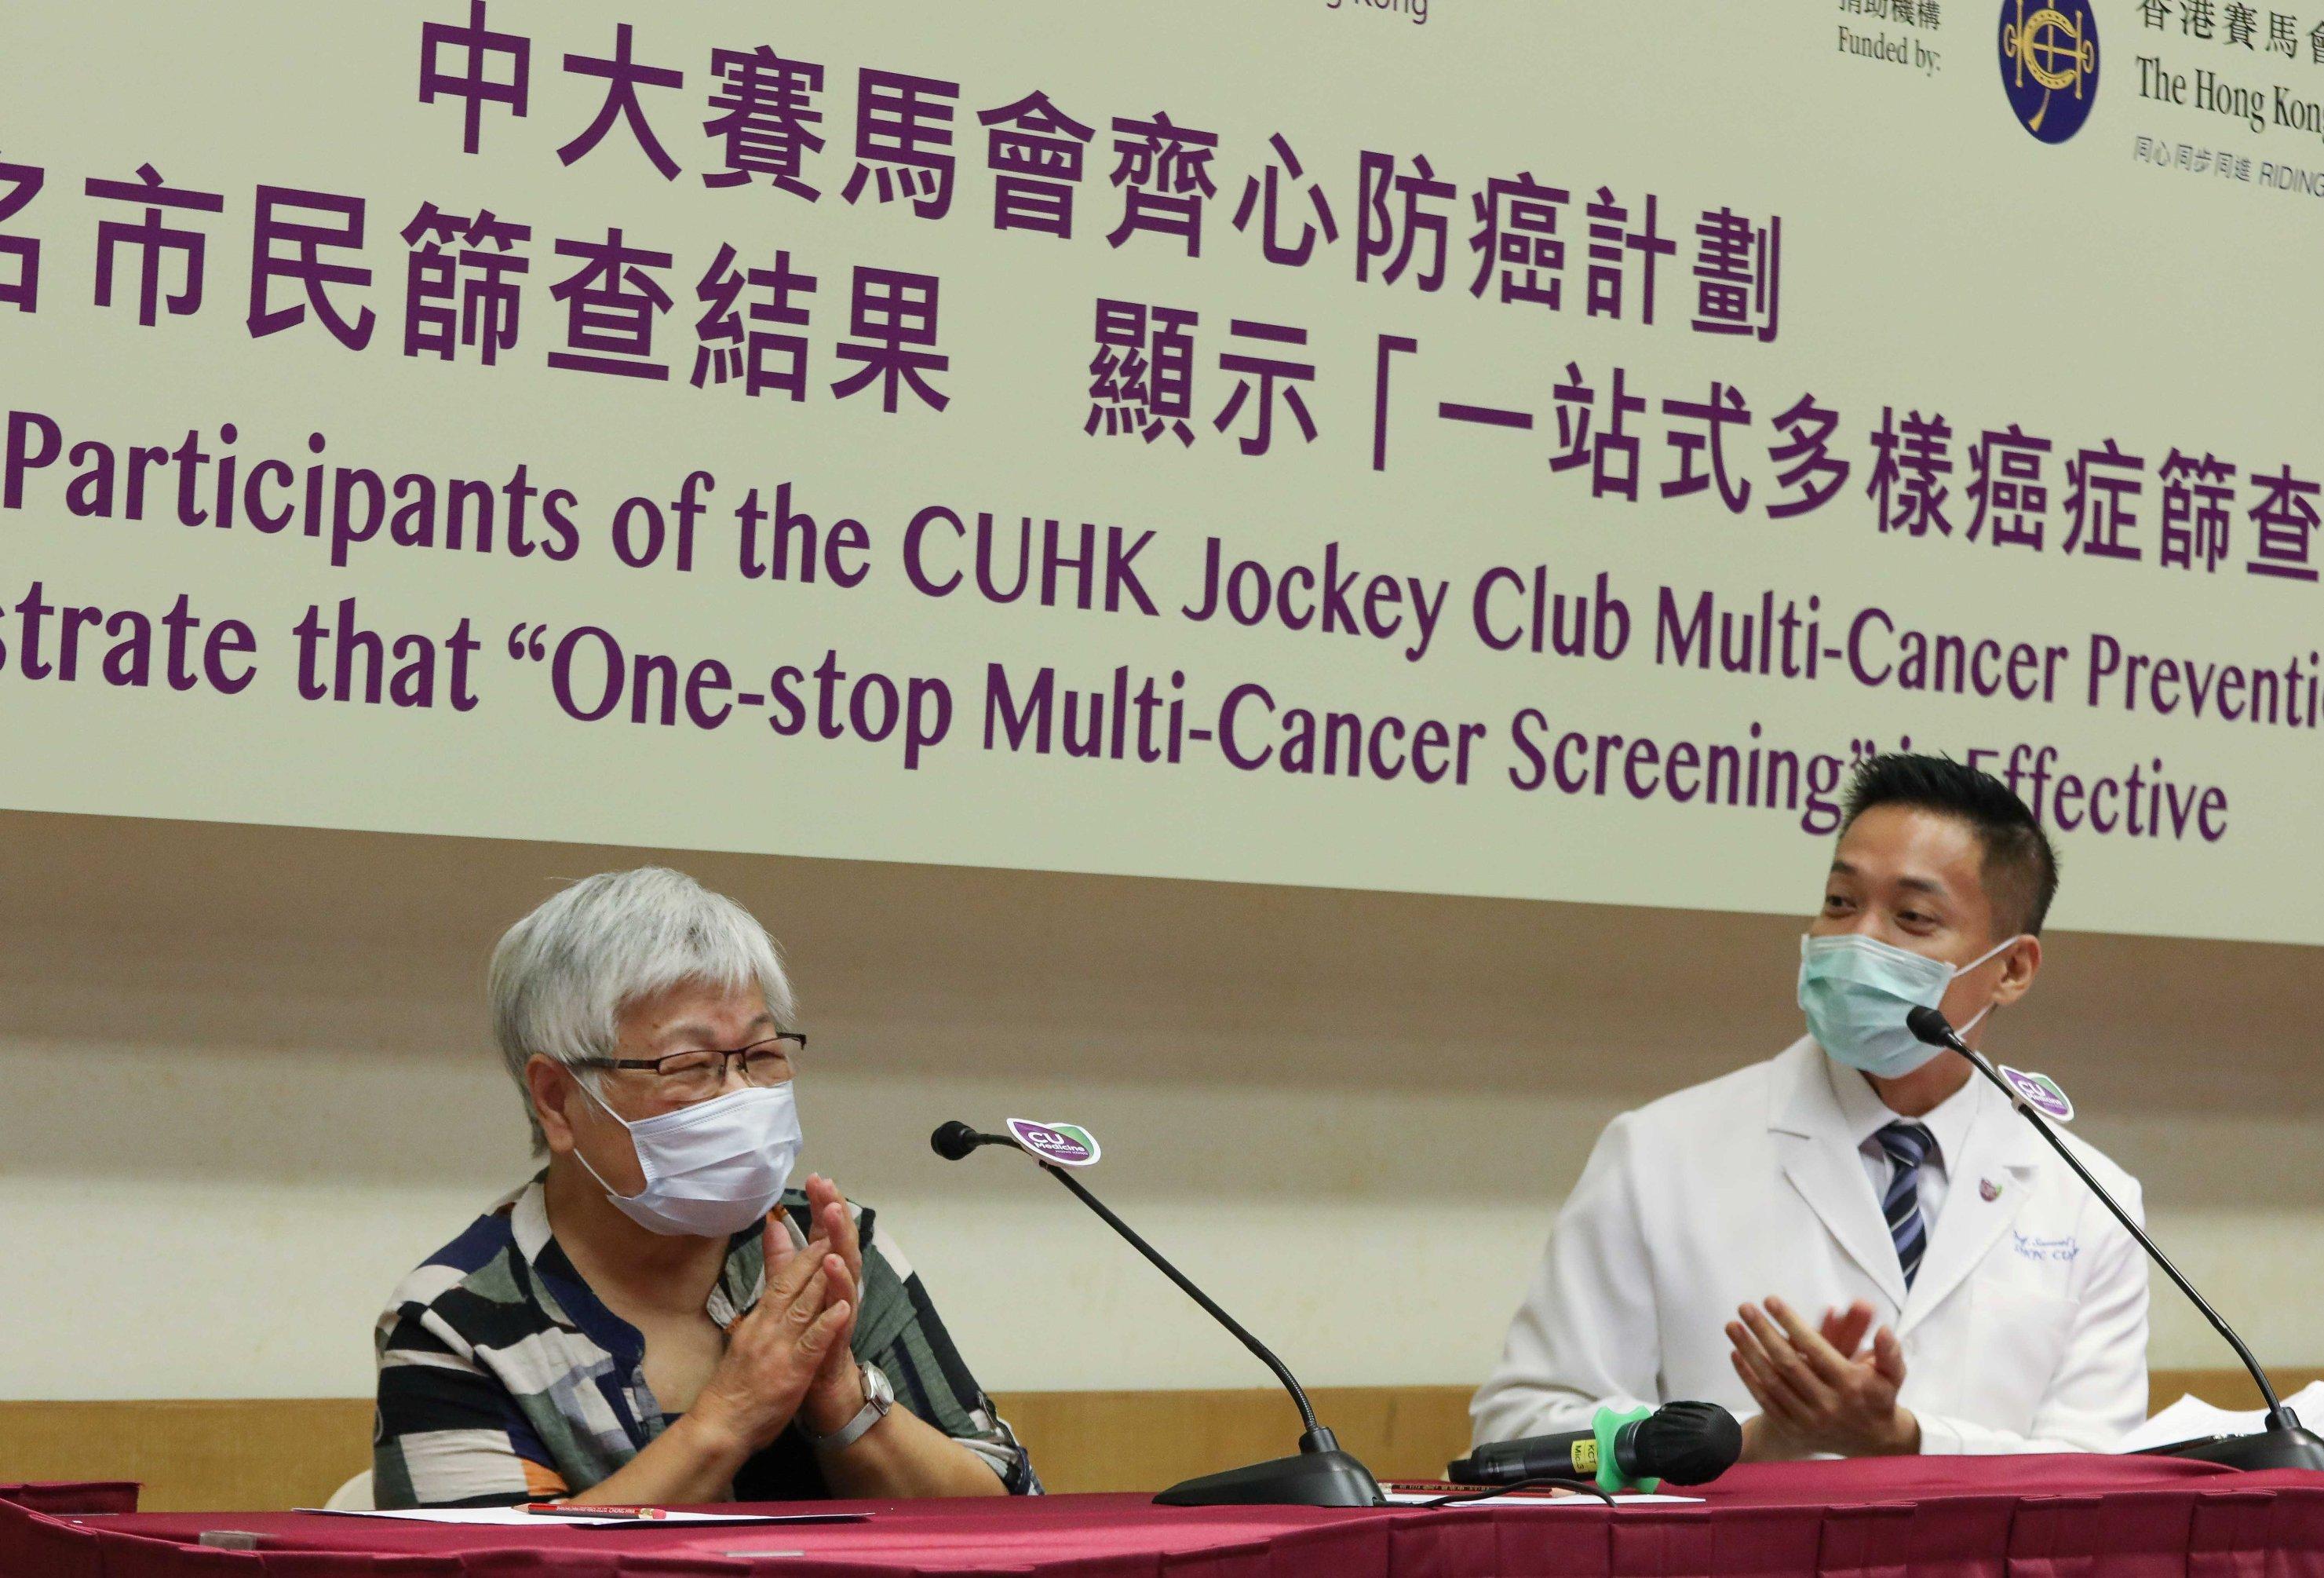 谢女士(左)2019年因参与「中大赛马会齐心防癌计划」发现患上第一期乳癌,她希望藉今次分享经历,令更多人关注患癌的风险。图右为黄仰山教授。